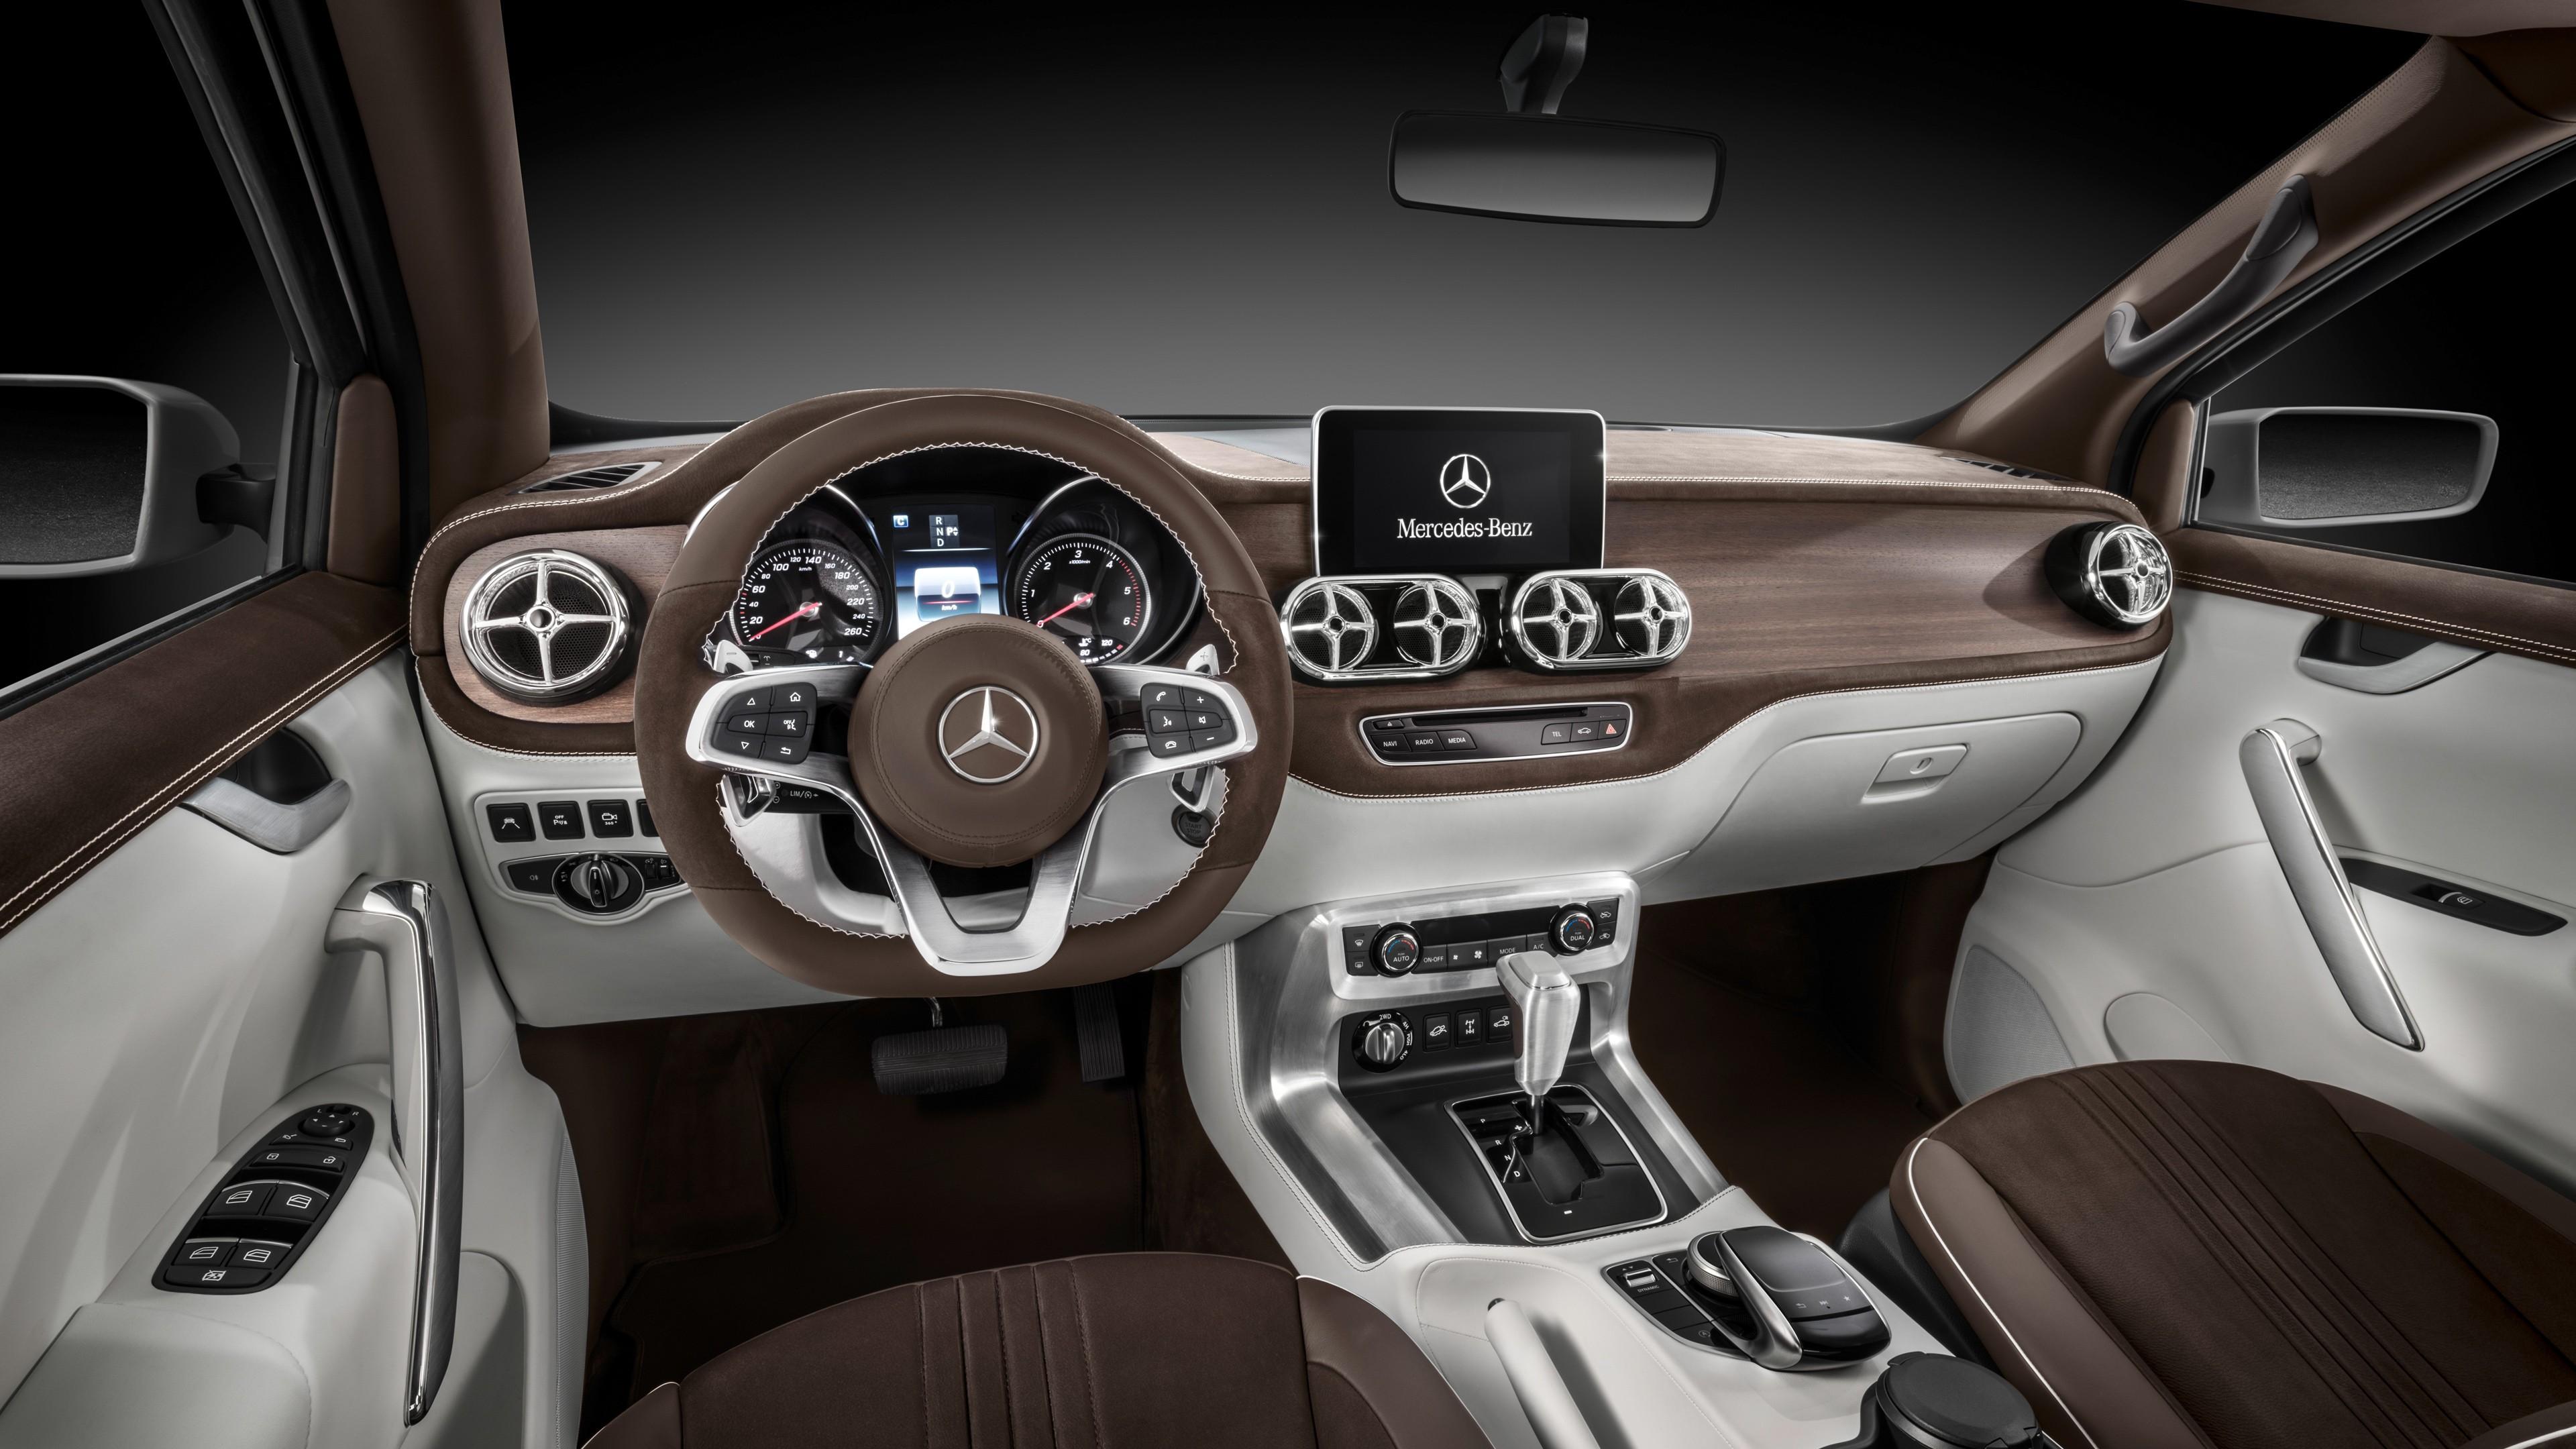 2017 Mercedes Benz X Class Pickup Truck Interior Wallpaper ...